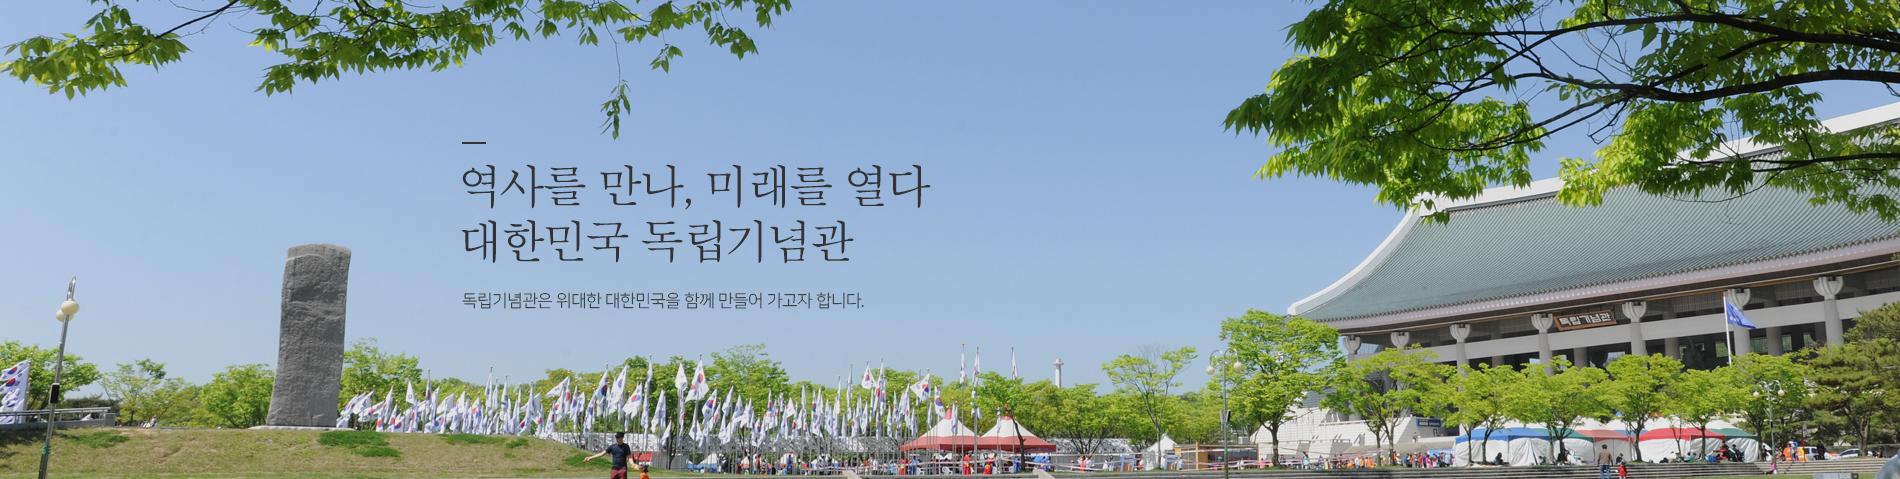 역사를만나, 미래를열다. 대한민국 독립기념관. 독립기념관은 위대한 대한민국을 함께 만들어가고자 합니다.